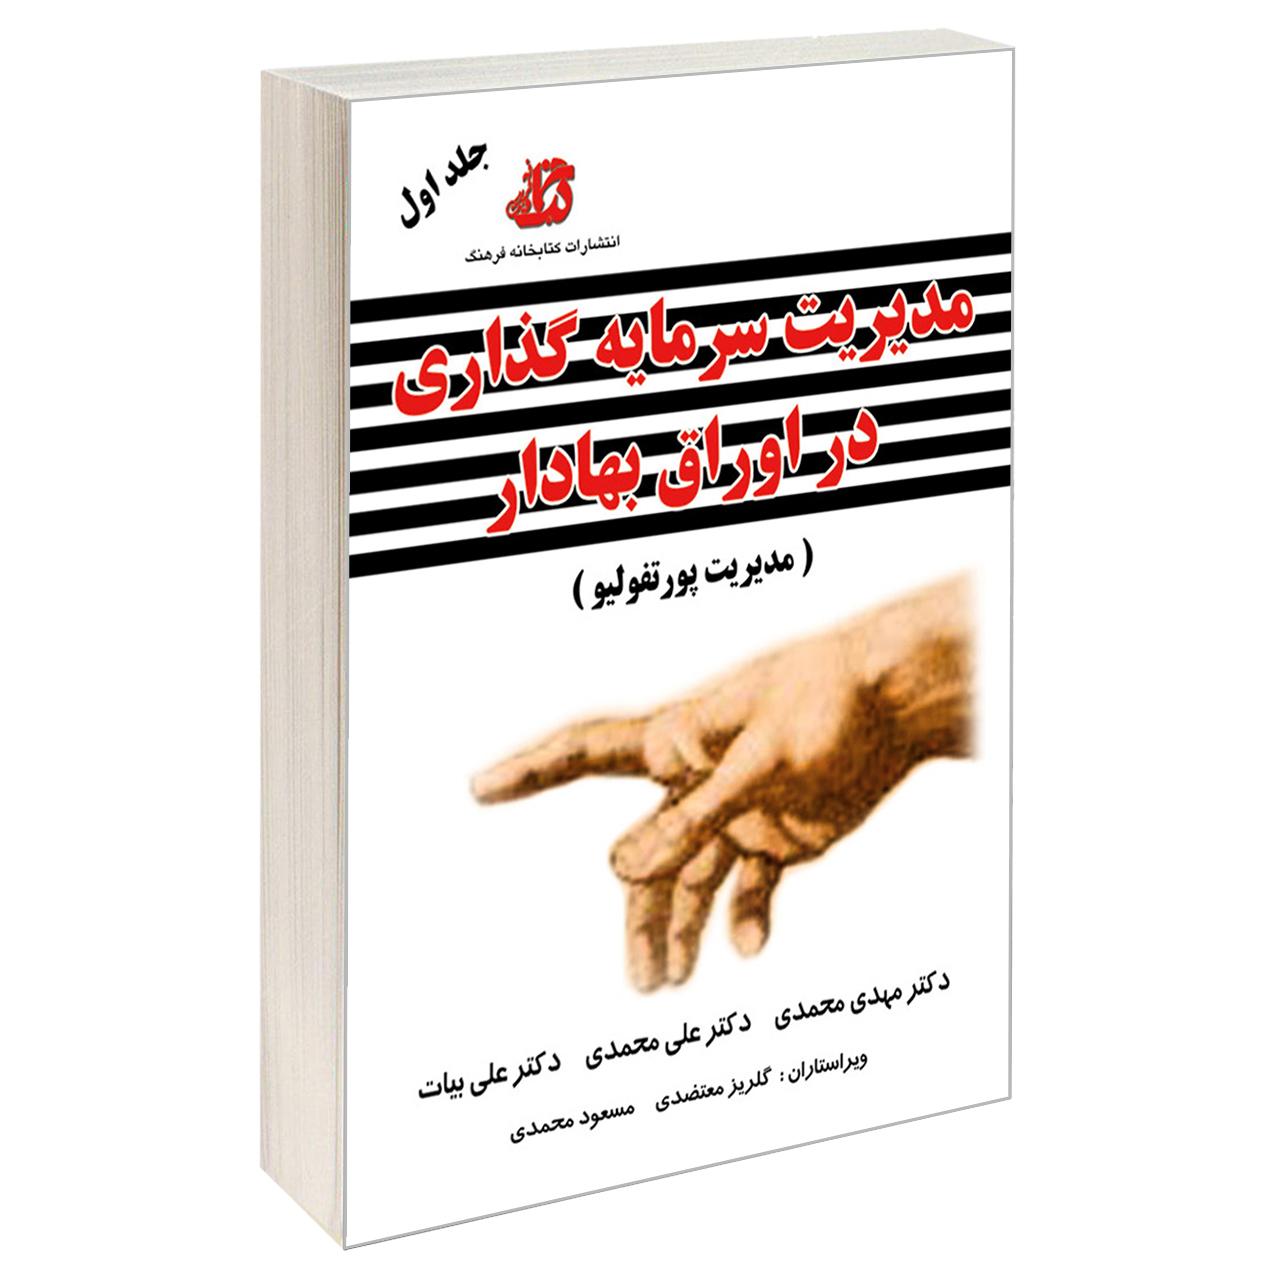 خرید                      کتاب مدیریت سرمایه گذاری در اوراق بهادار اثر جمعی از نویسندگان انتشارات کتابخانه فرهنگ